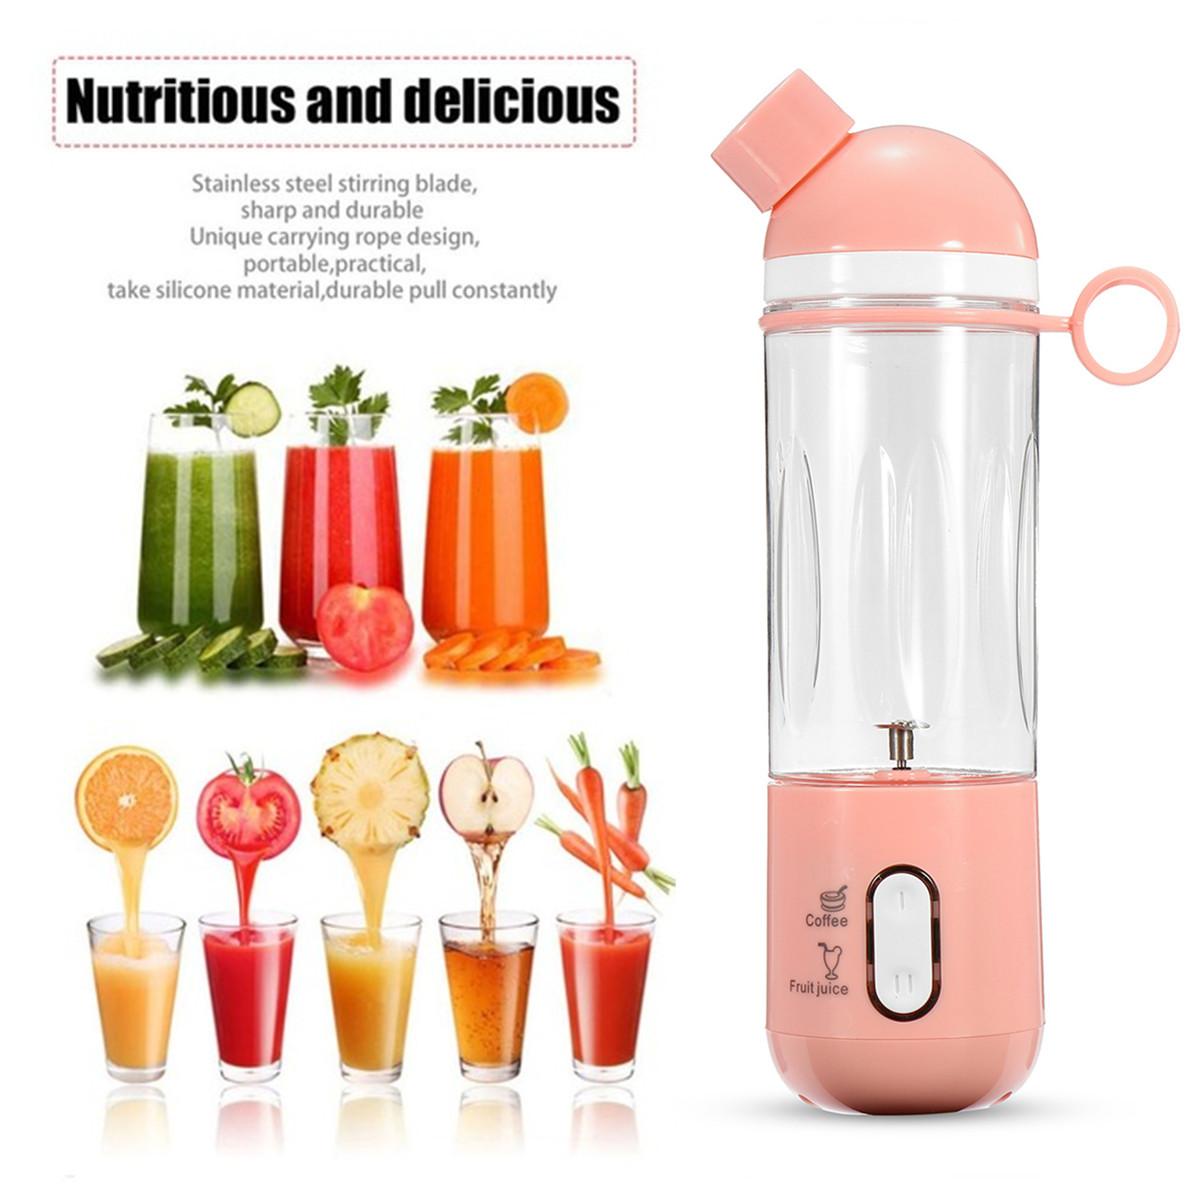 400ml USB Electric Fruit Juicer Smoothie Blender Portable Travel Coffee Maker Bottle Juice Cup 34